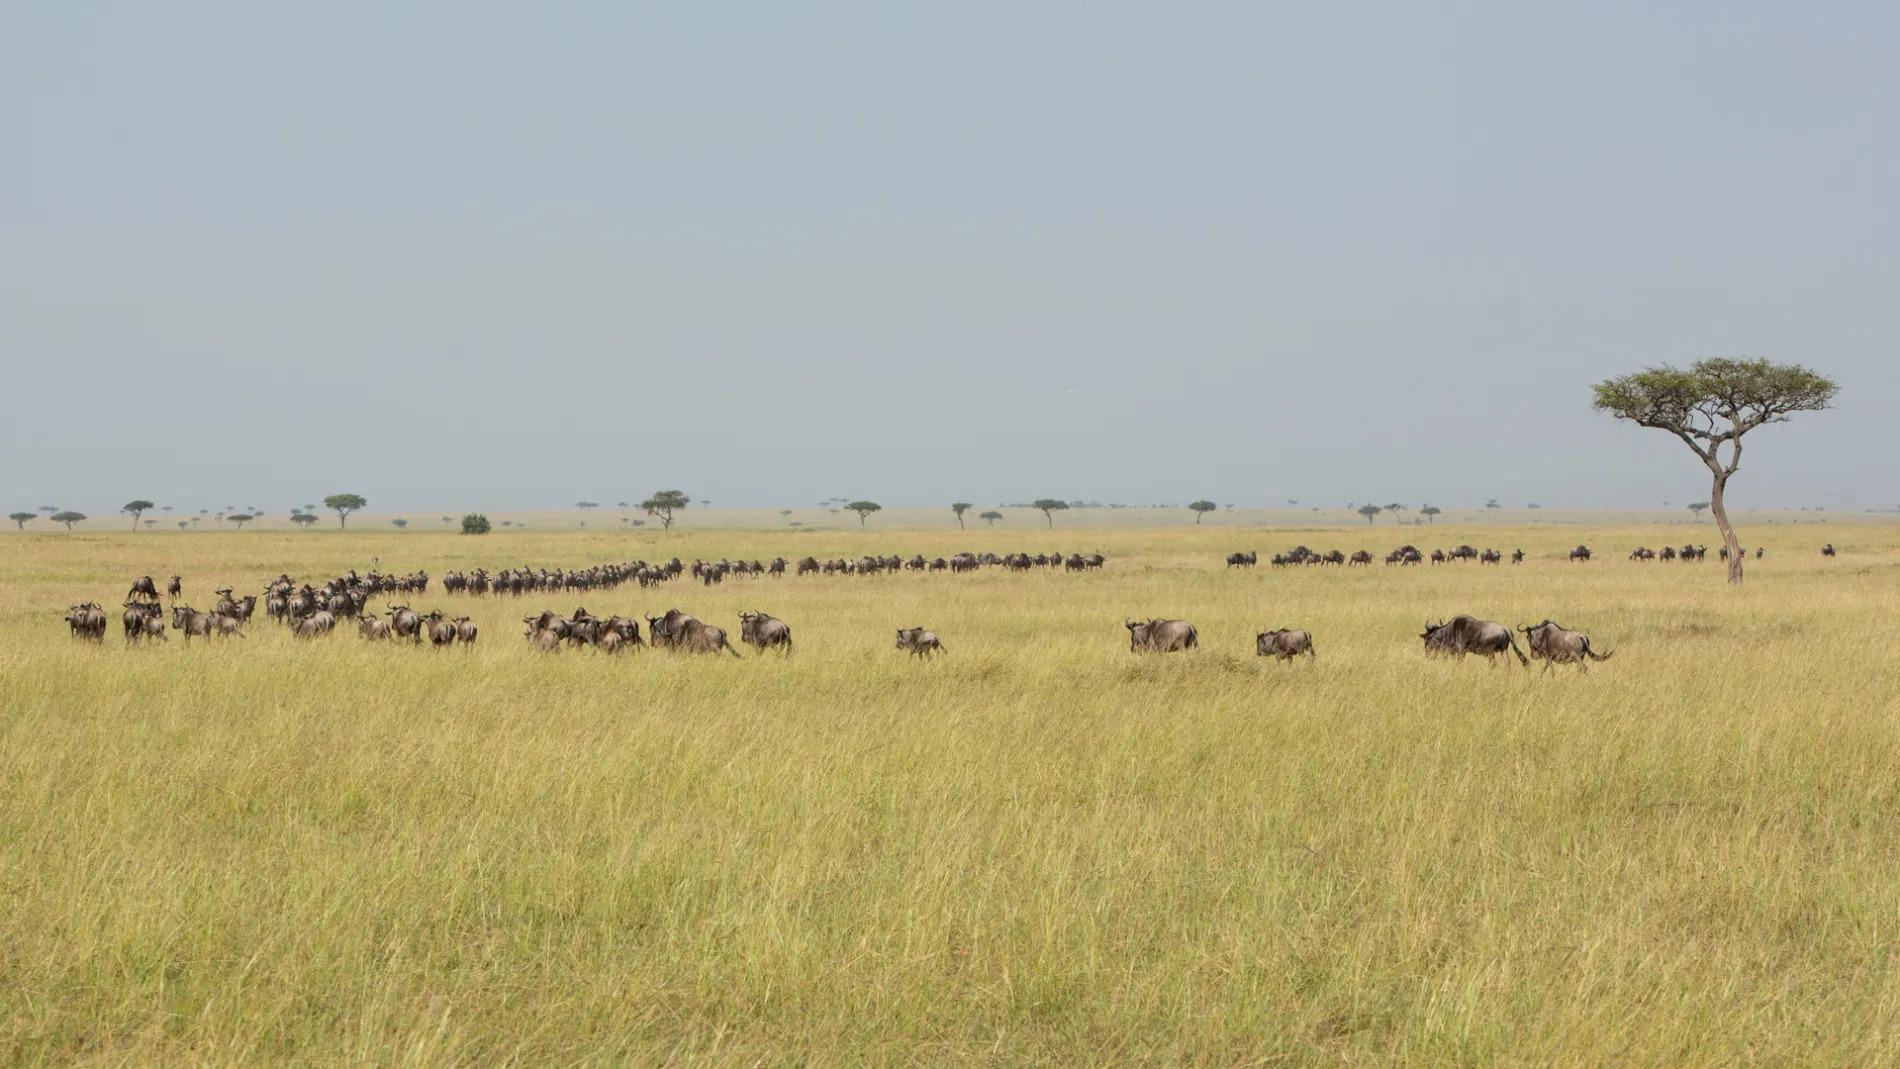 Wildebeest queue